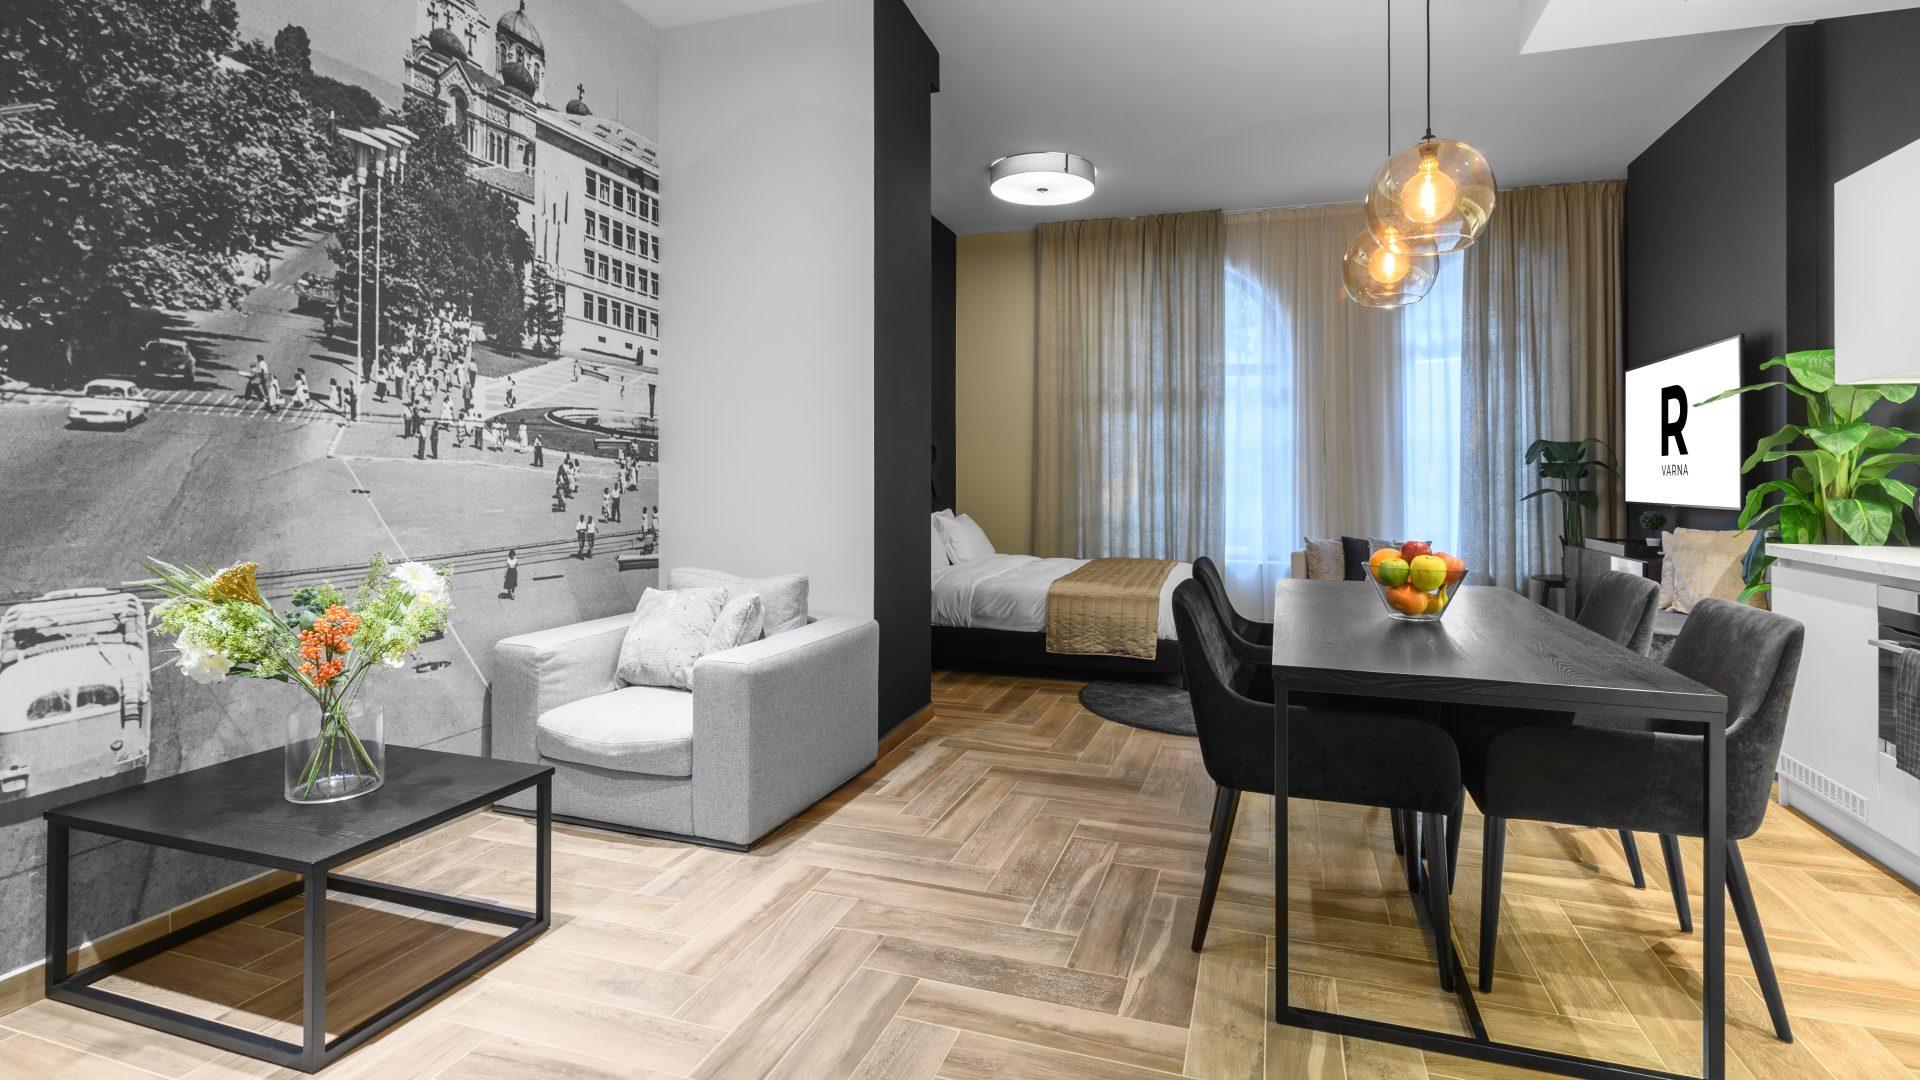 Deluxe holiday studio for rent in Varna